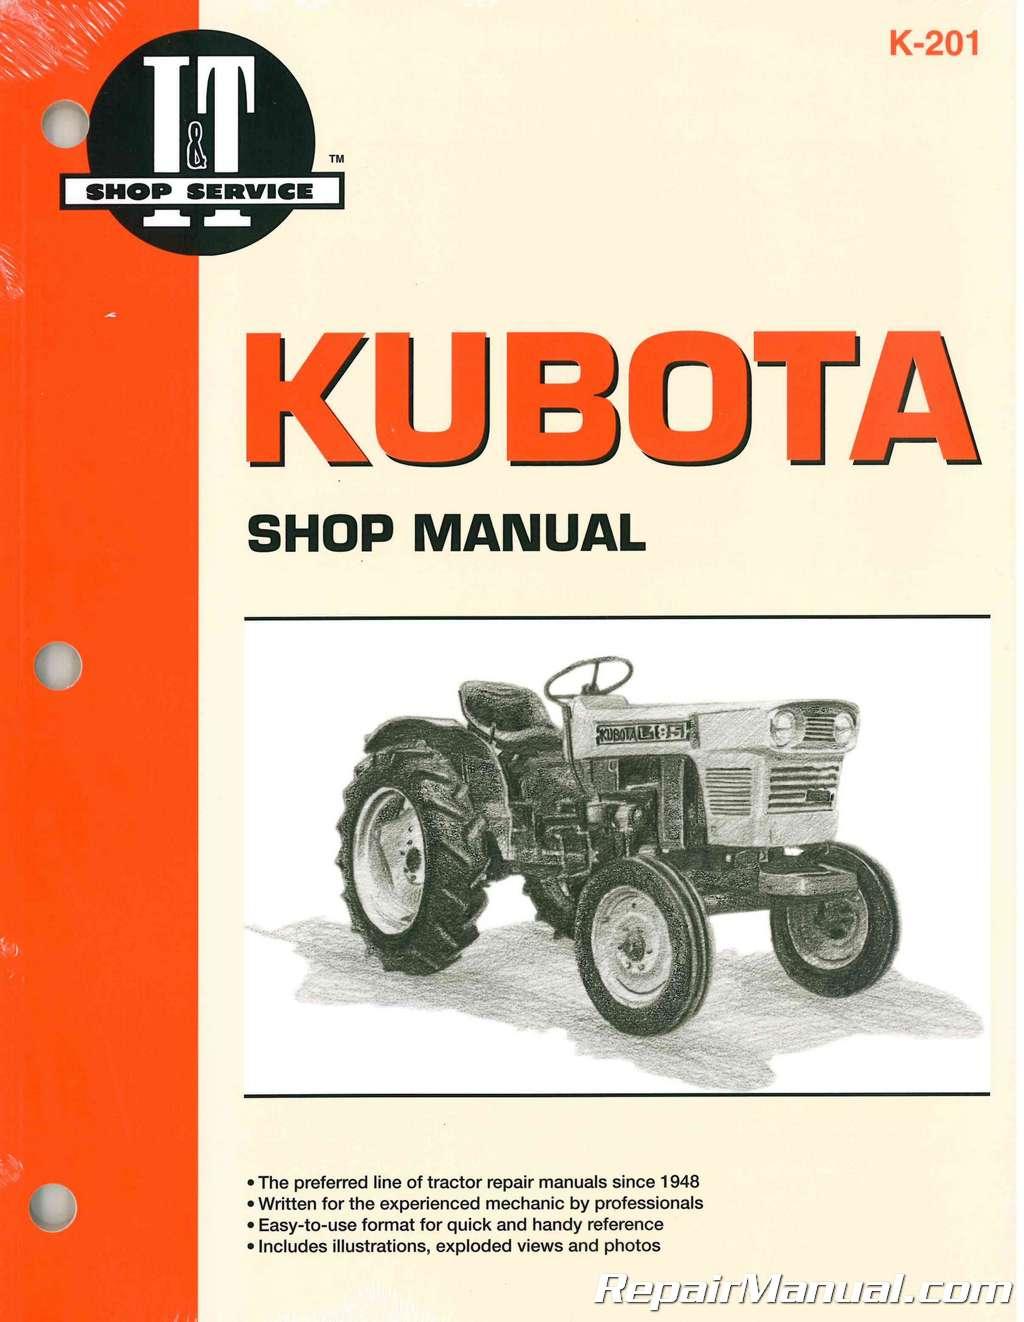 Awe Inspiring L175 Kubota Tractor Wiring Diagram Basic Electronics Wiring Diagram Wiring 101 Vieworaxxcnl